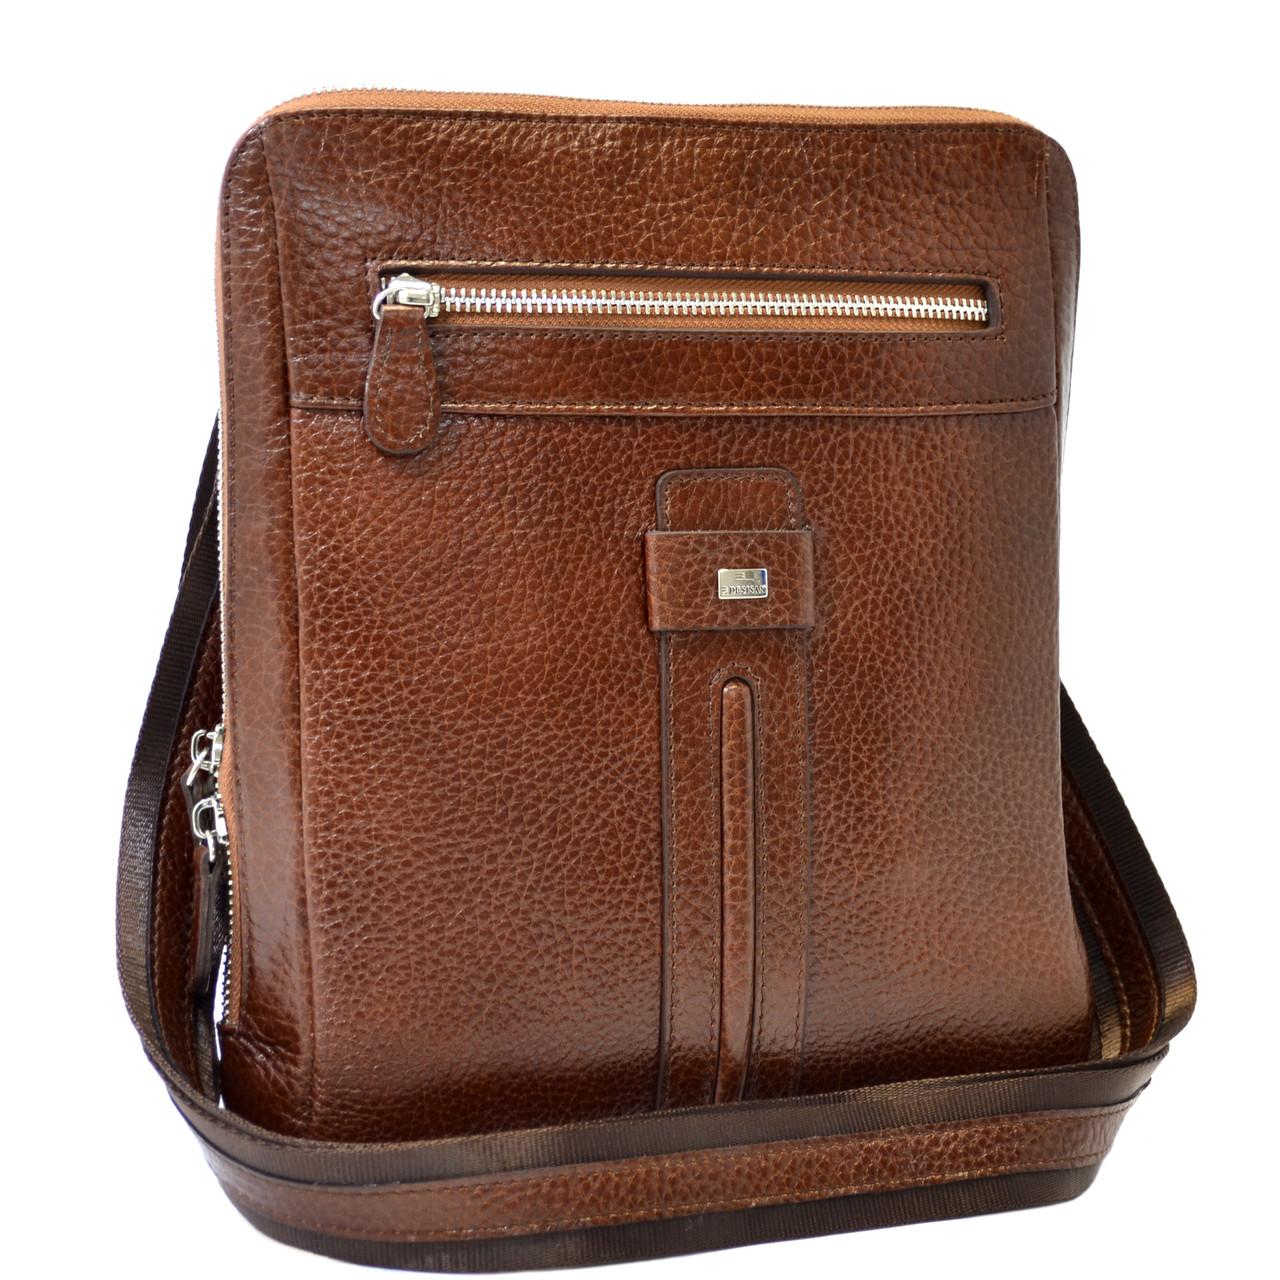 e535856fde26 Кожаная мужская сумка Desisan - Интернет-магазин